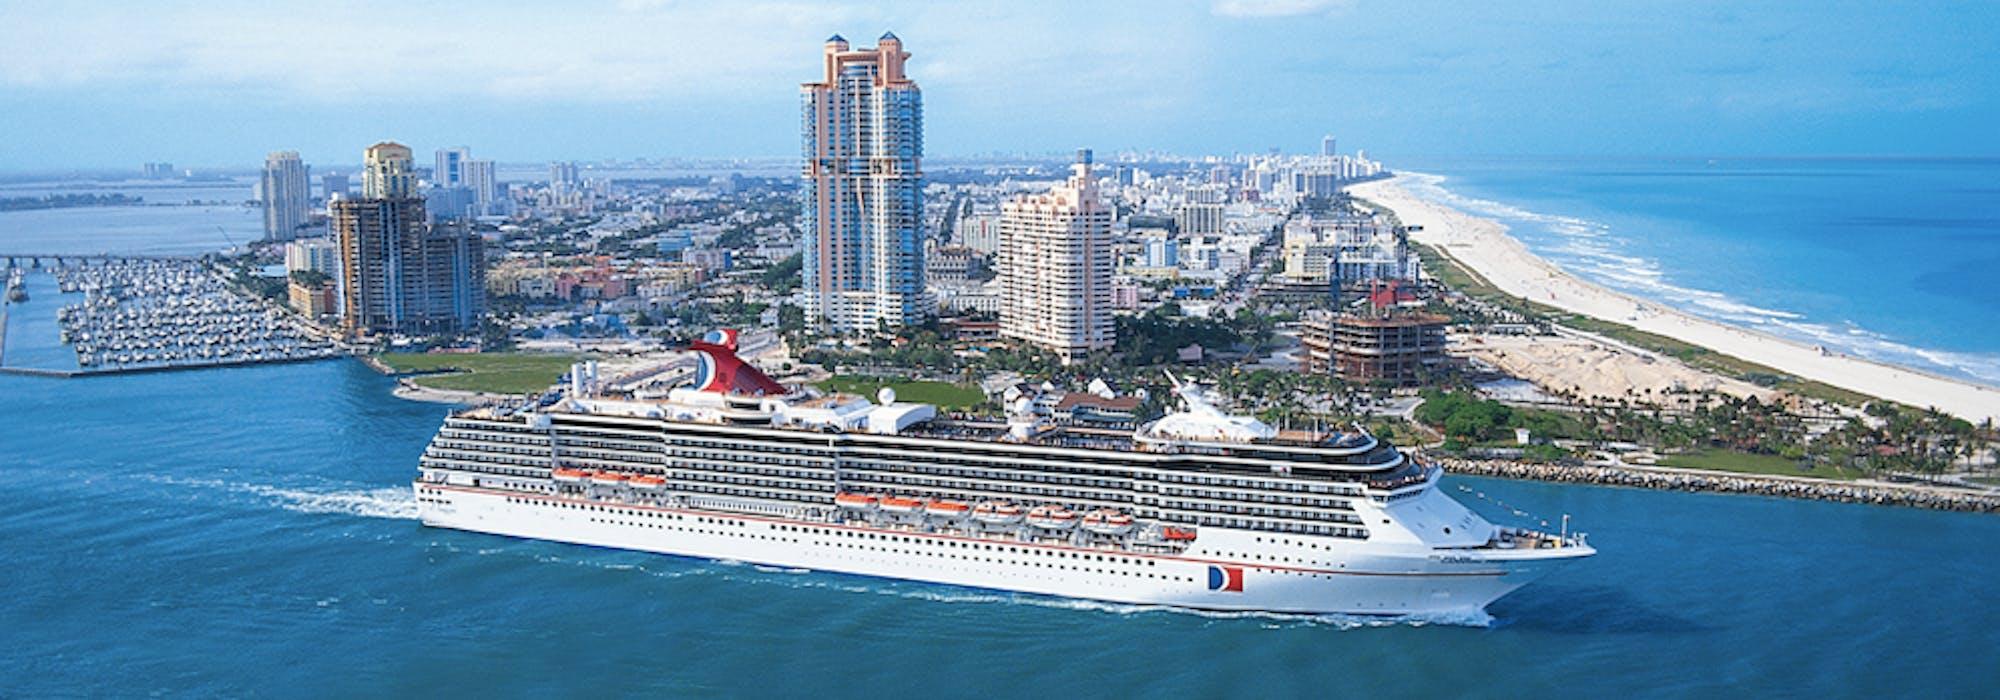 Carnival Pride kryssar förbi en stor ö med sandstrand och byggnader.